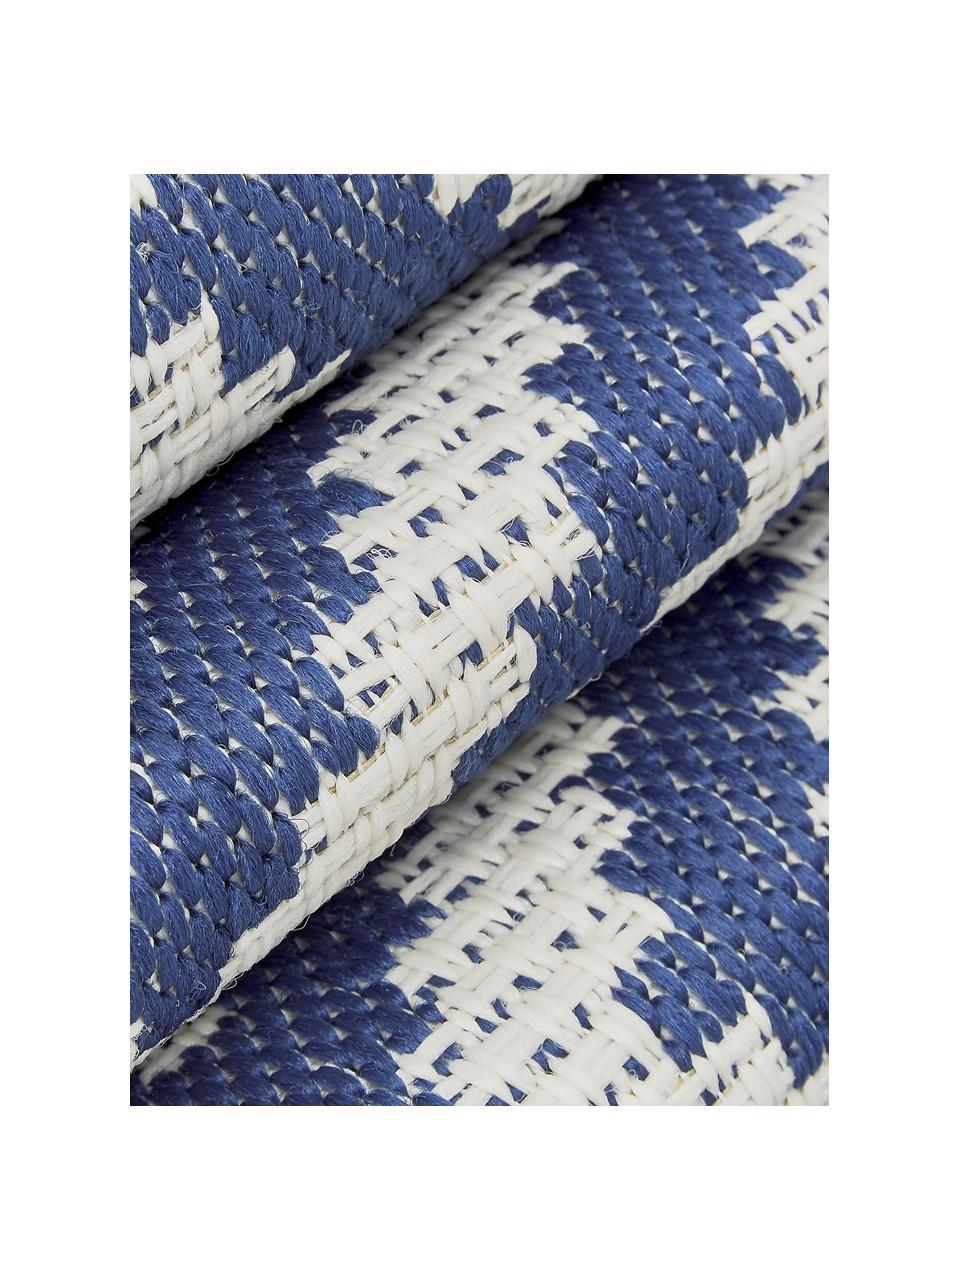 Tappeto fantasia color blu/bianco da interno-esterno Miami, 86% polipropilene, 14% poliestere, Bianco crema, blu, Larg. 200 x Lung. 290 cm  (taglia L)